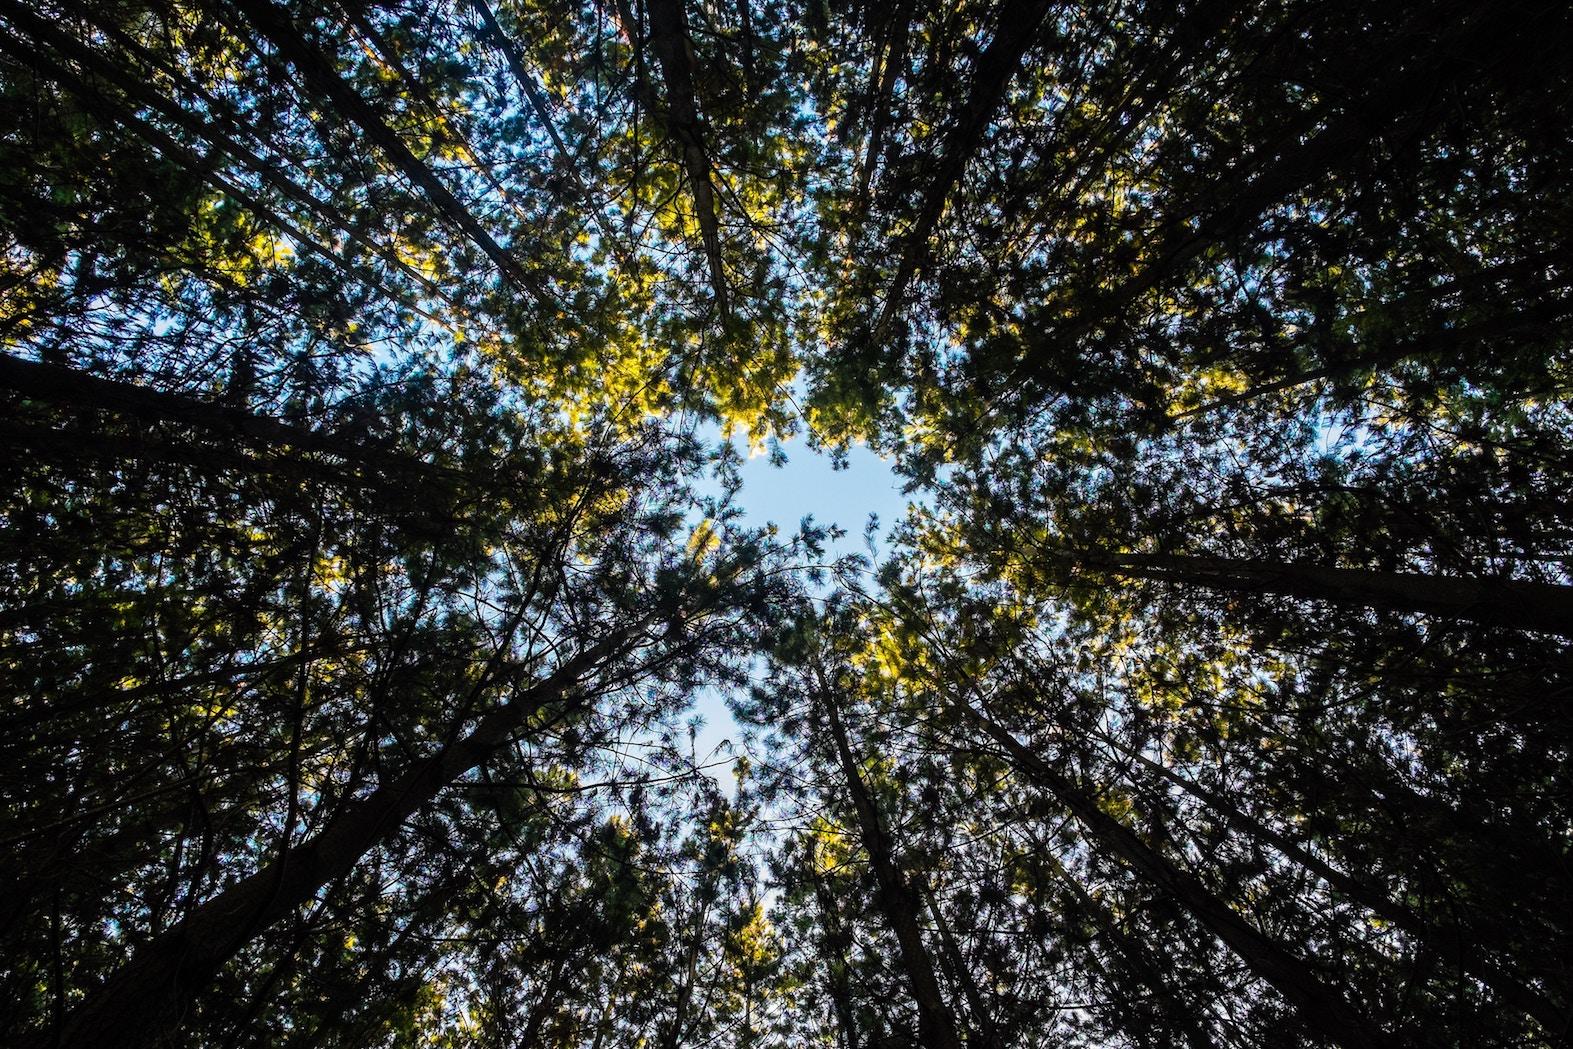 Ympäristötekniikan opiskelu käytännössä - Ilmastonmuutos